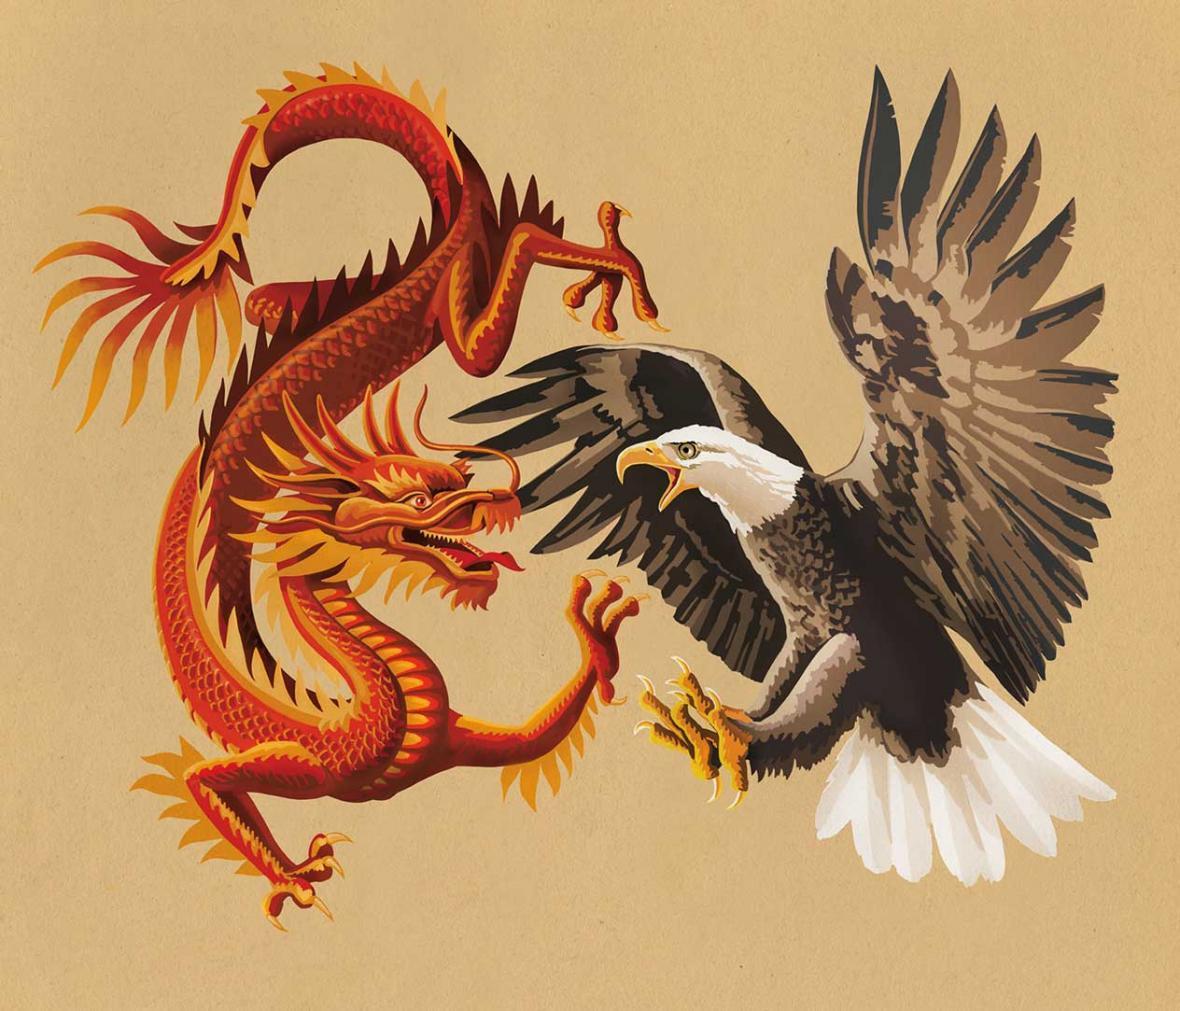 عقاب و اژدها، پنجه در پنجه شدند